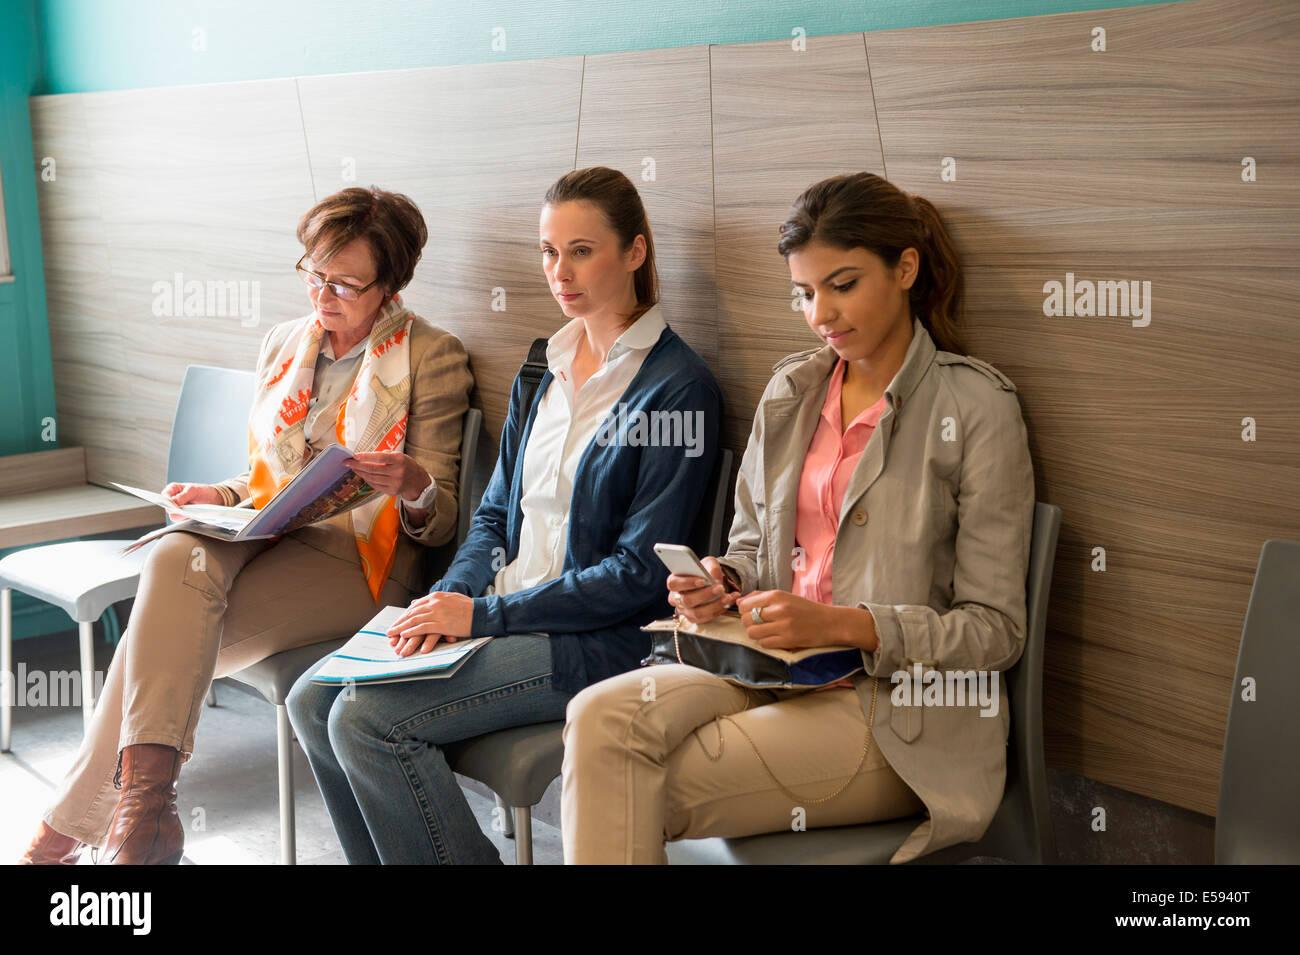 Tre donne in area di attesa dell'ospedale Immagini Stock